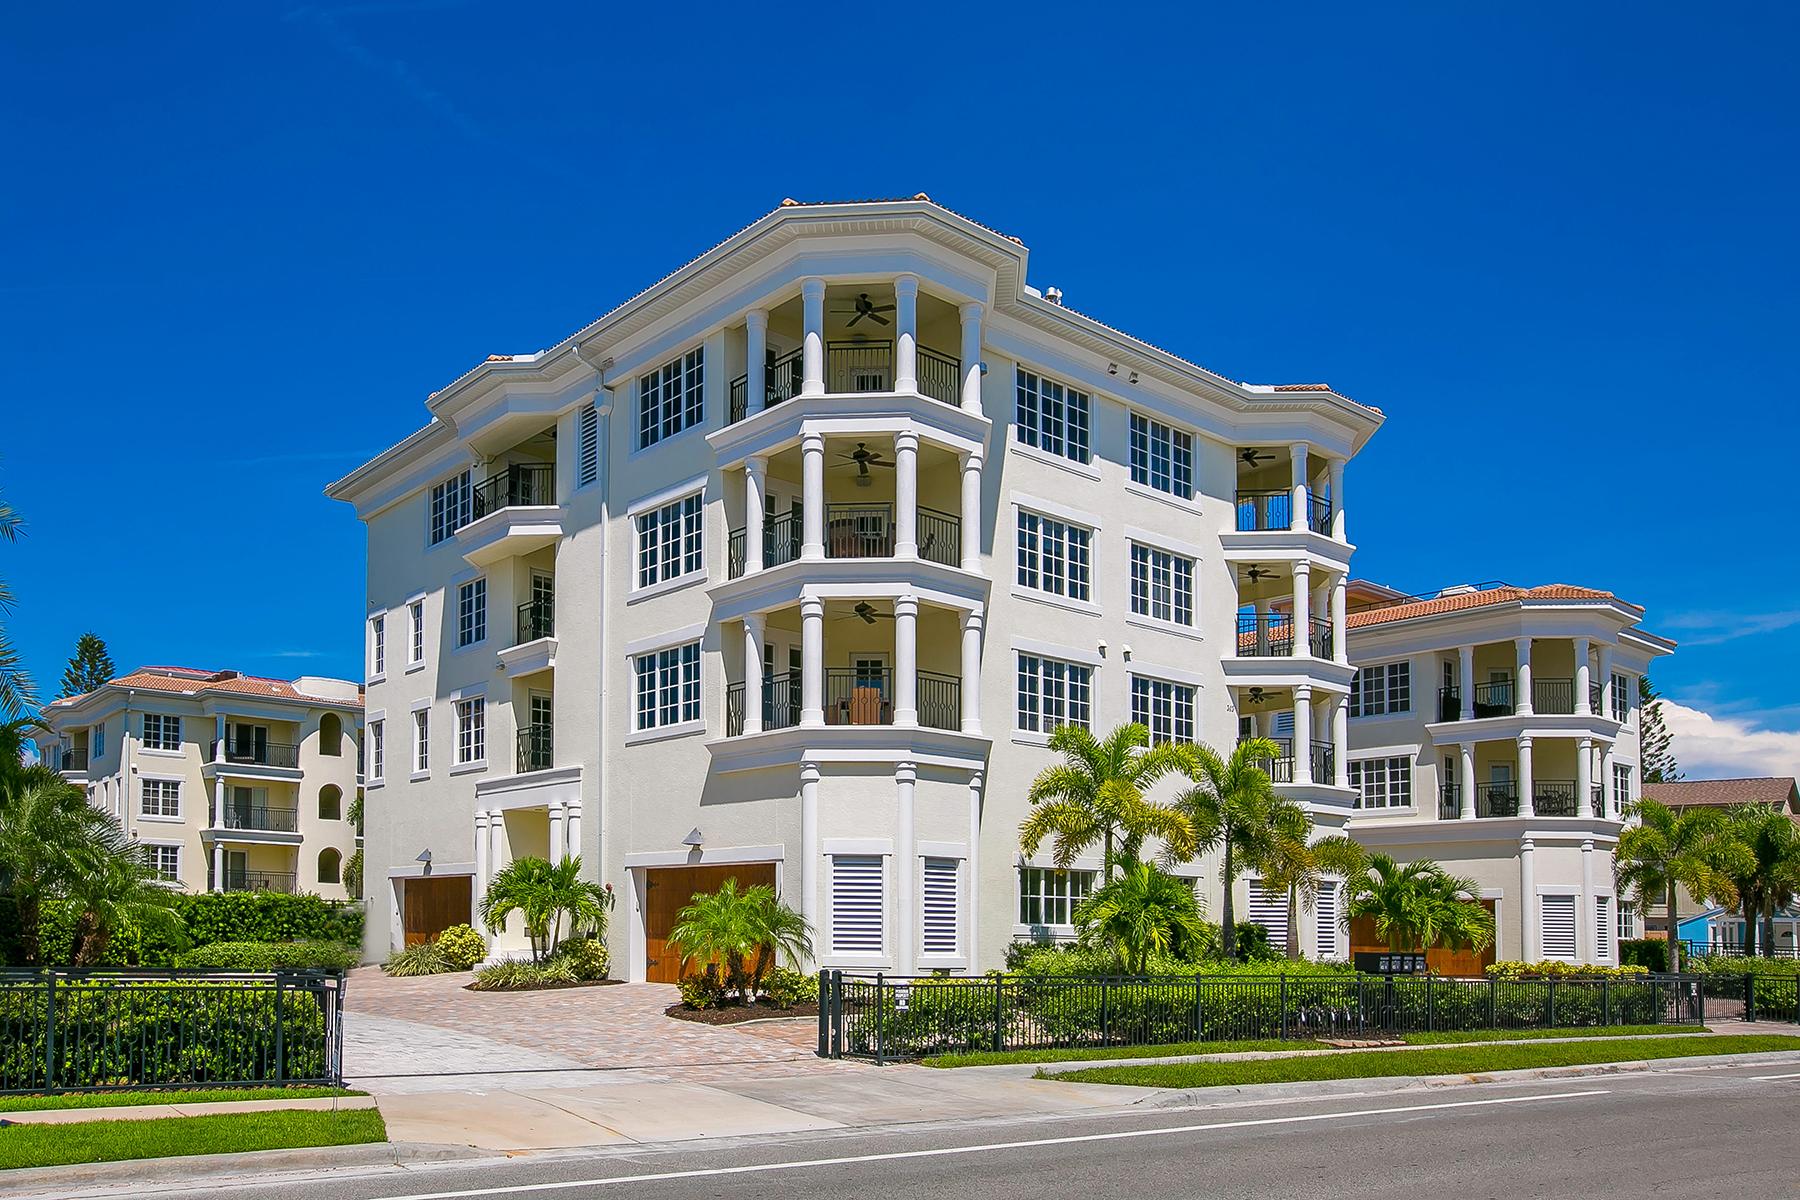 Eigentumswohnung für Verkauf beim SIESTA KEY 309 Beach Rd 309-S1 Sarasota, Florida 34242 Vereinigte Staaten